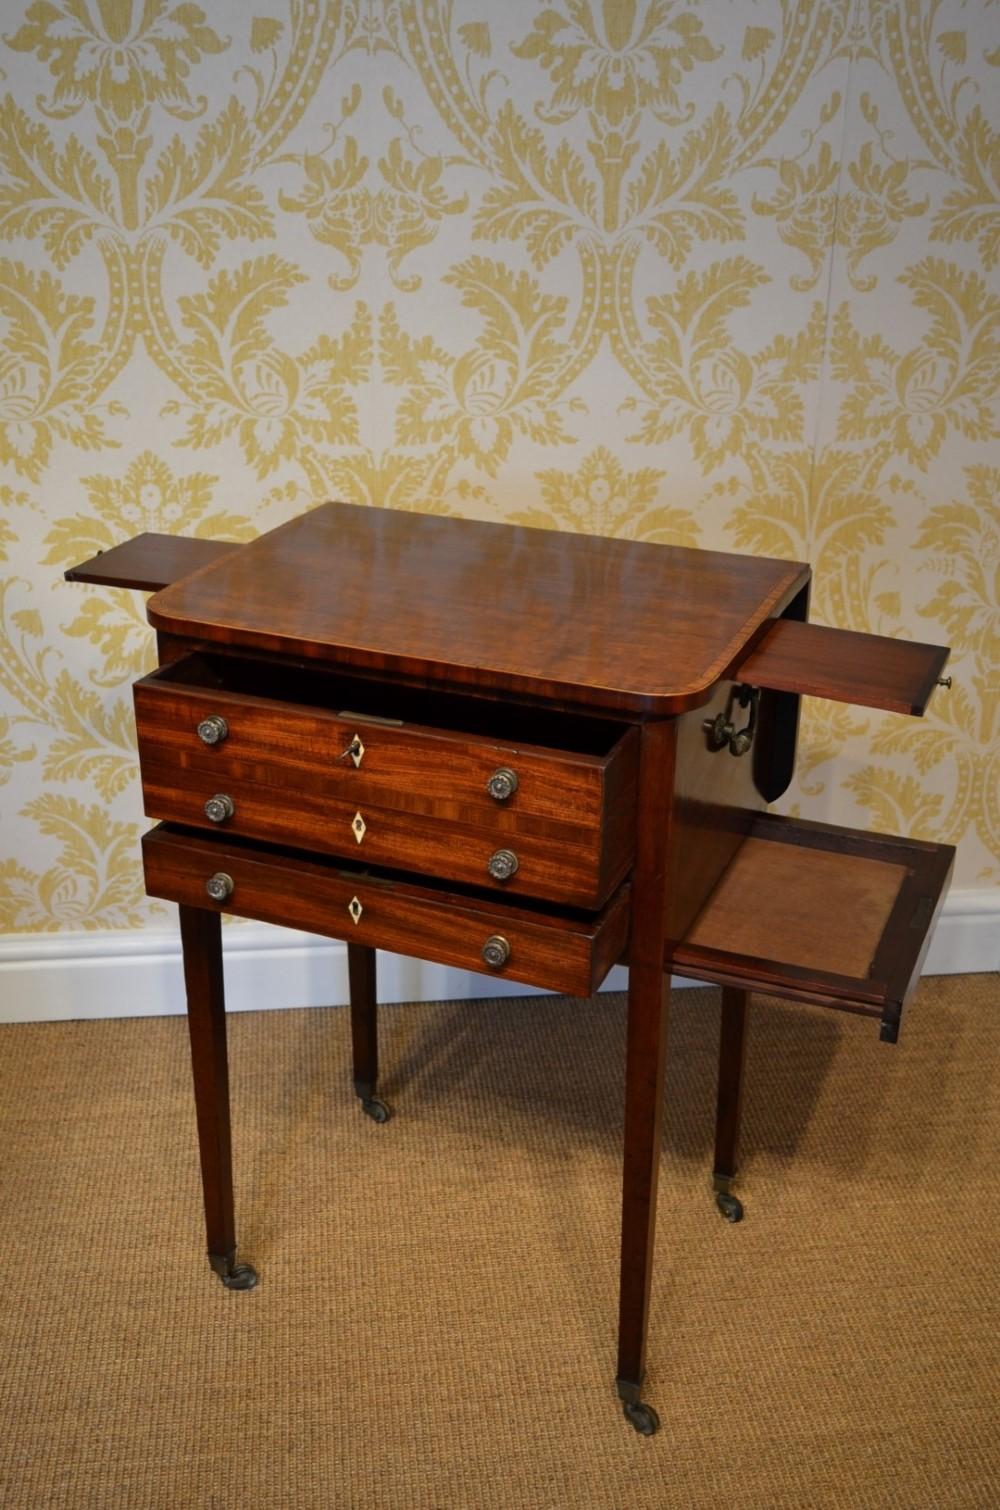 early 19th century mahogany reading writing work table